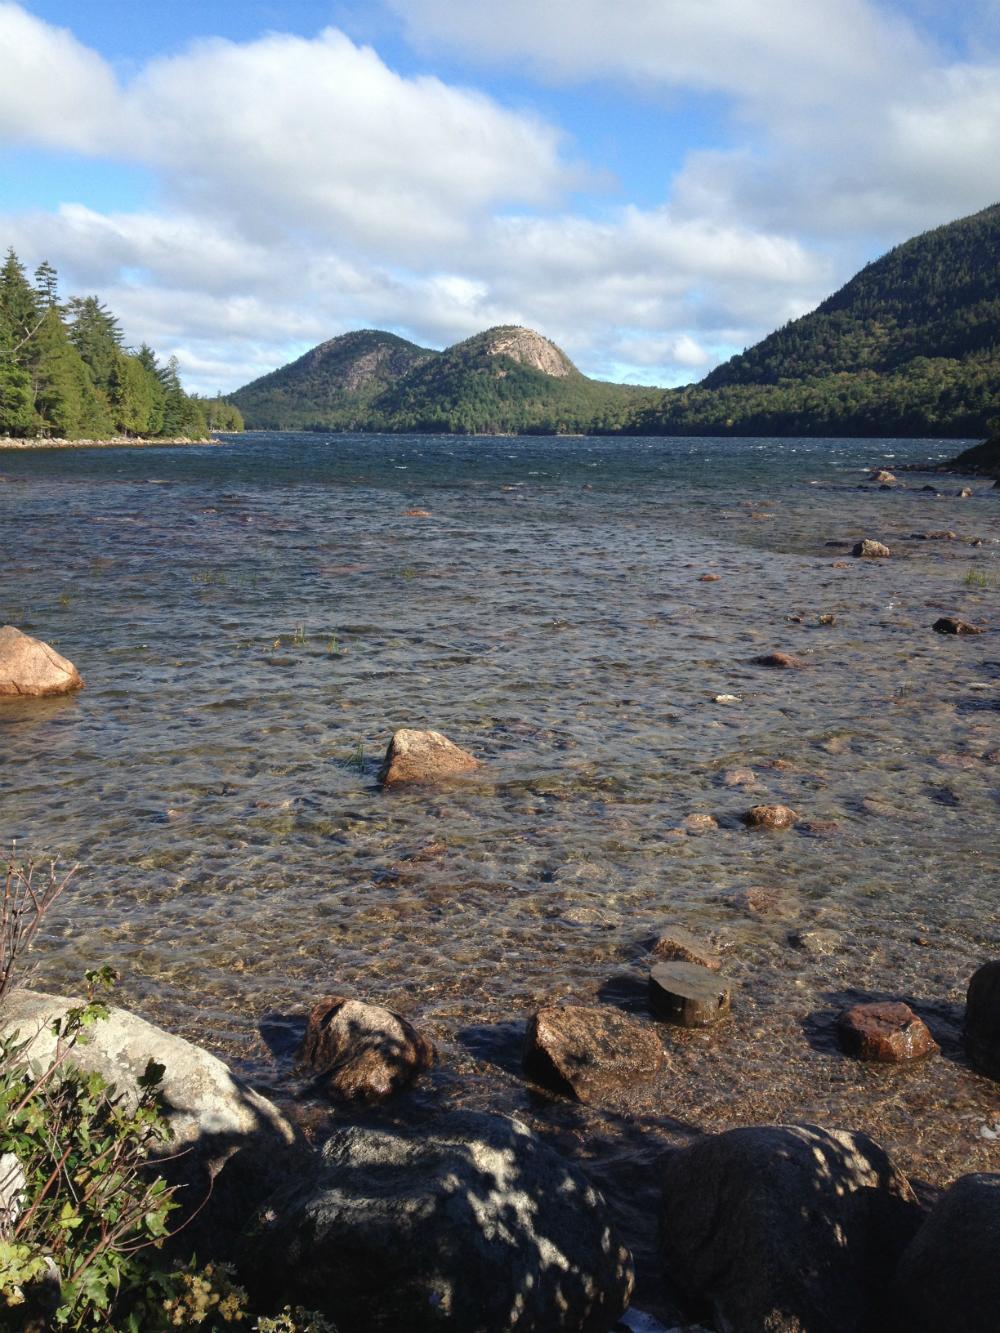 Bar Harbor Maine, Acadia National Park & Mt. Desert Island Travel Guide